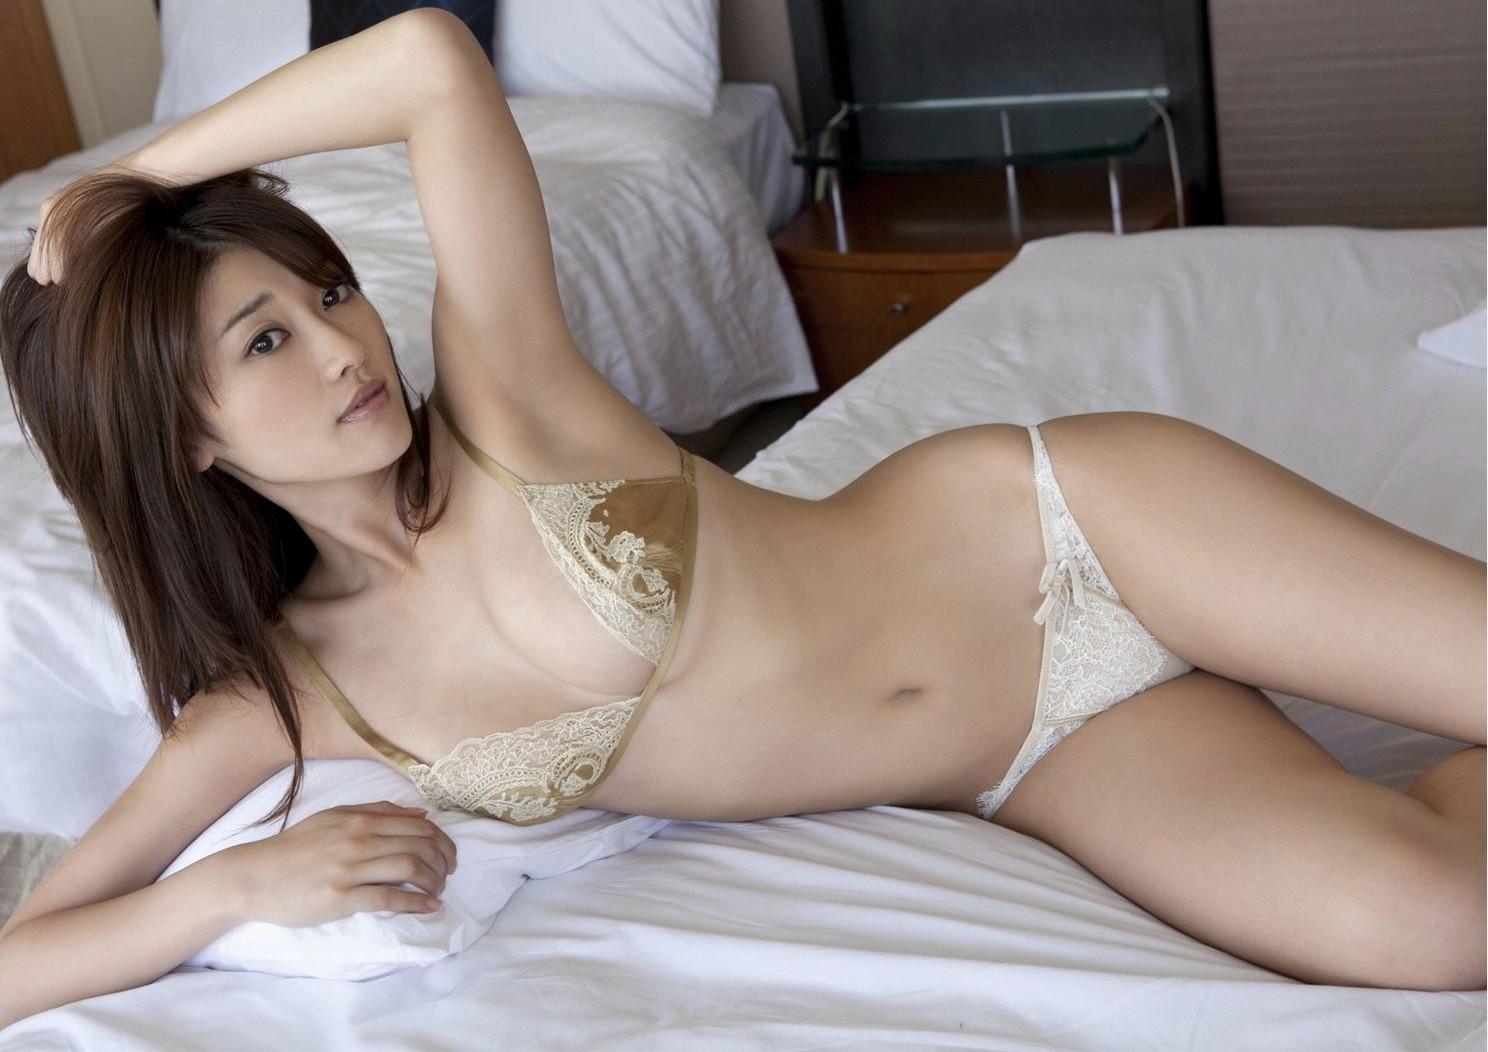 【腋フェチエロ画像】おっぱいより舐めたい日もあるw綺麗で貴重な美女の腋下www 26